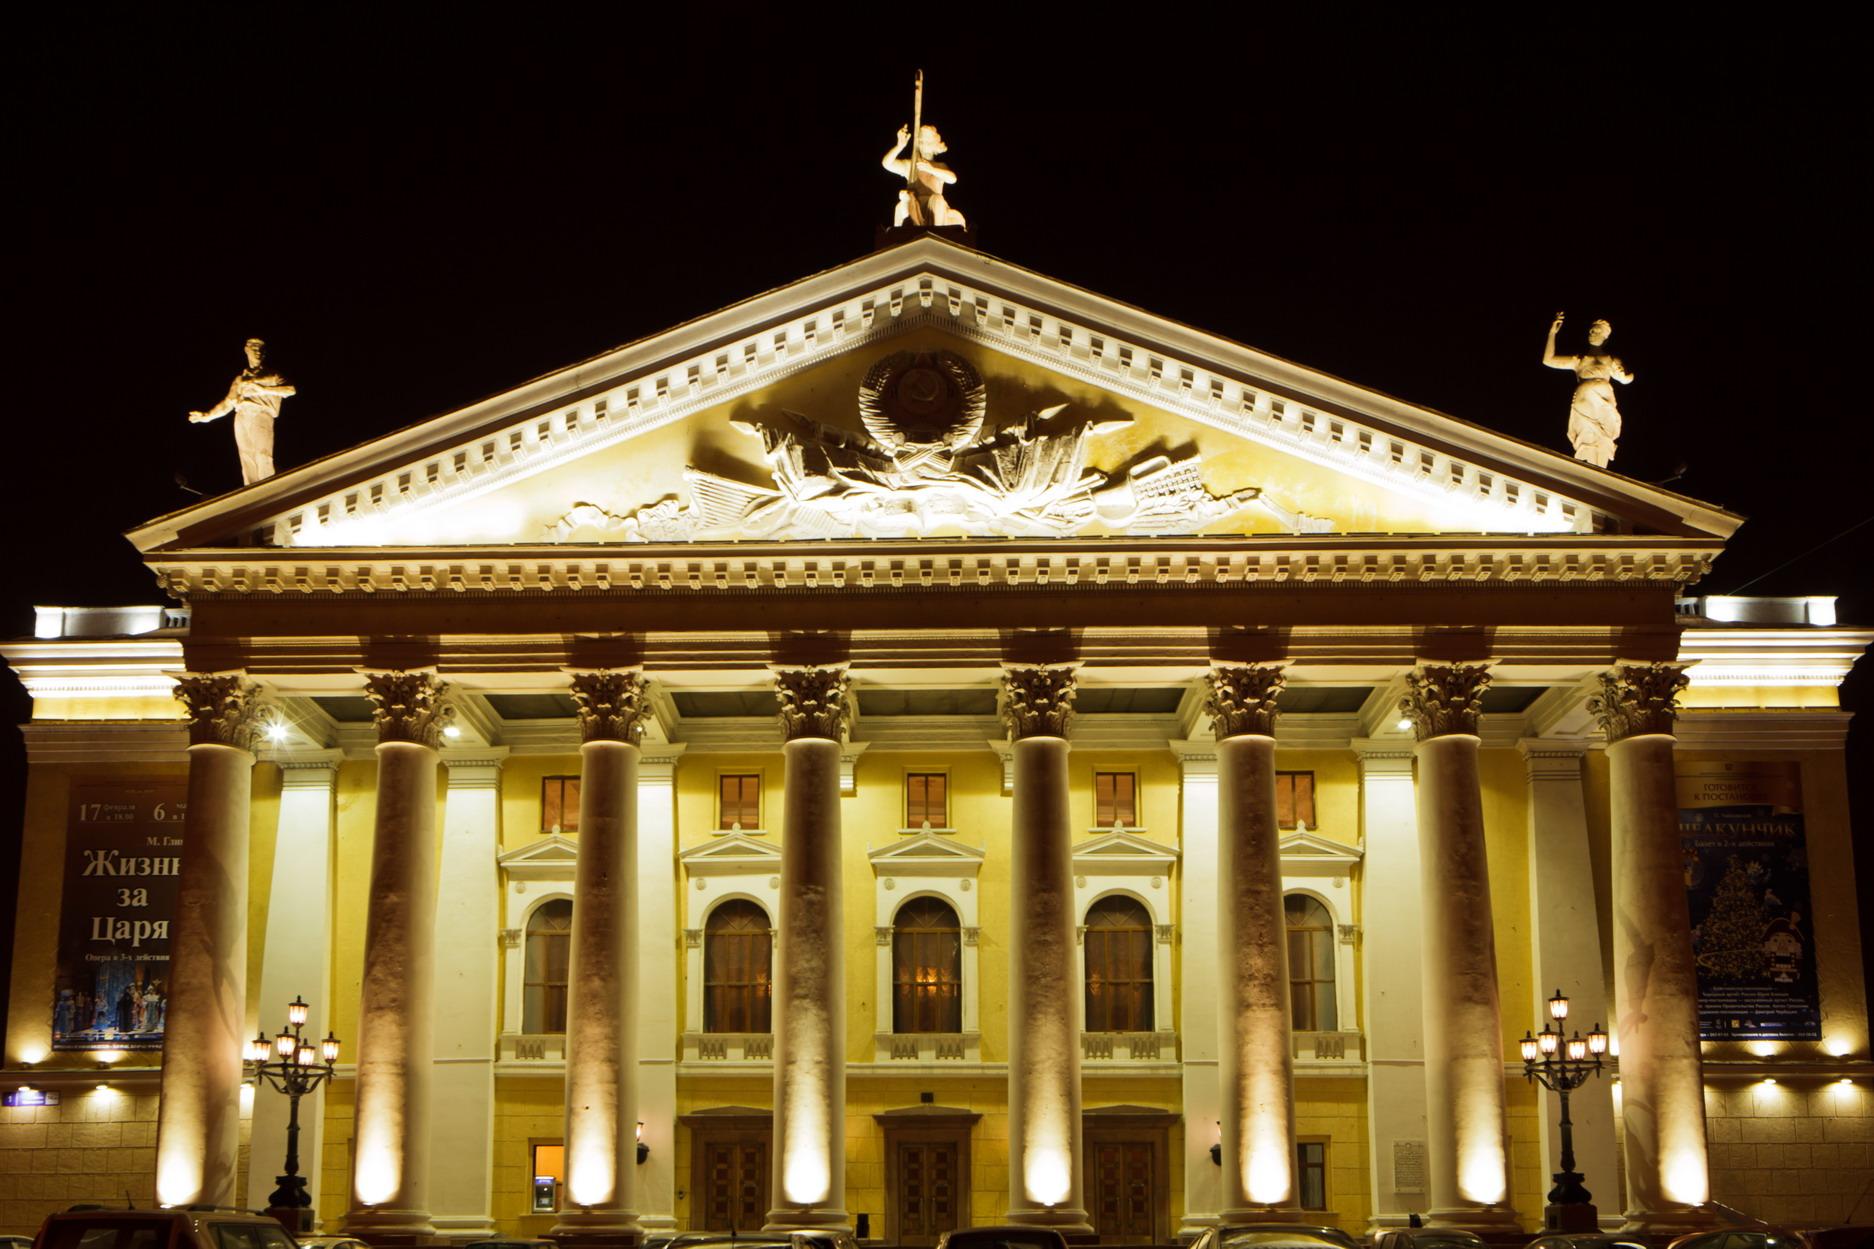 Вечер в компании артистов челябинского театра обещает хорошее настроение и настоящий праздник вес